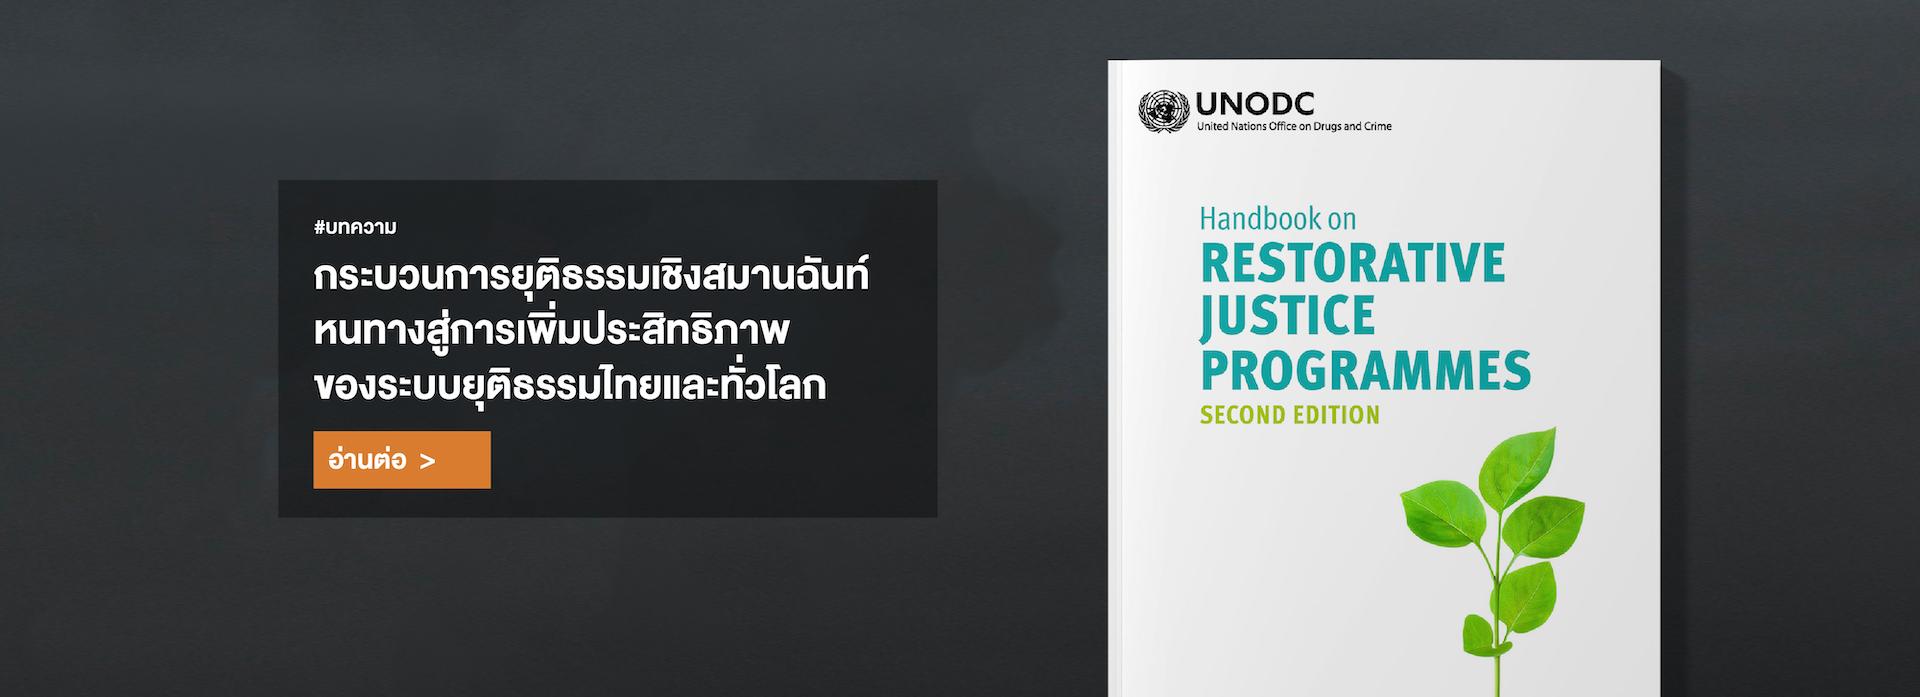 กระบวนการยุติธรรมเชิงสมานฉันท์ หนทางสู่การเพิ่มประสิทธิภาพของระบบยุติธรรมไทยและทั่วโลก